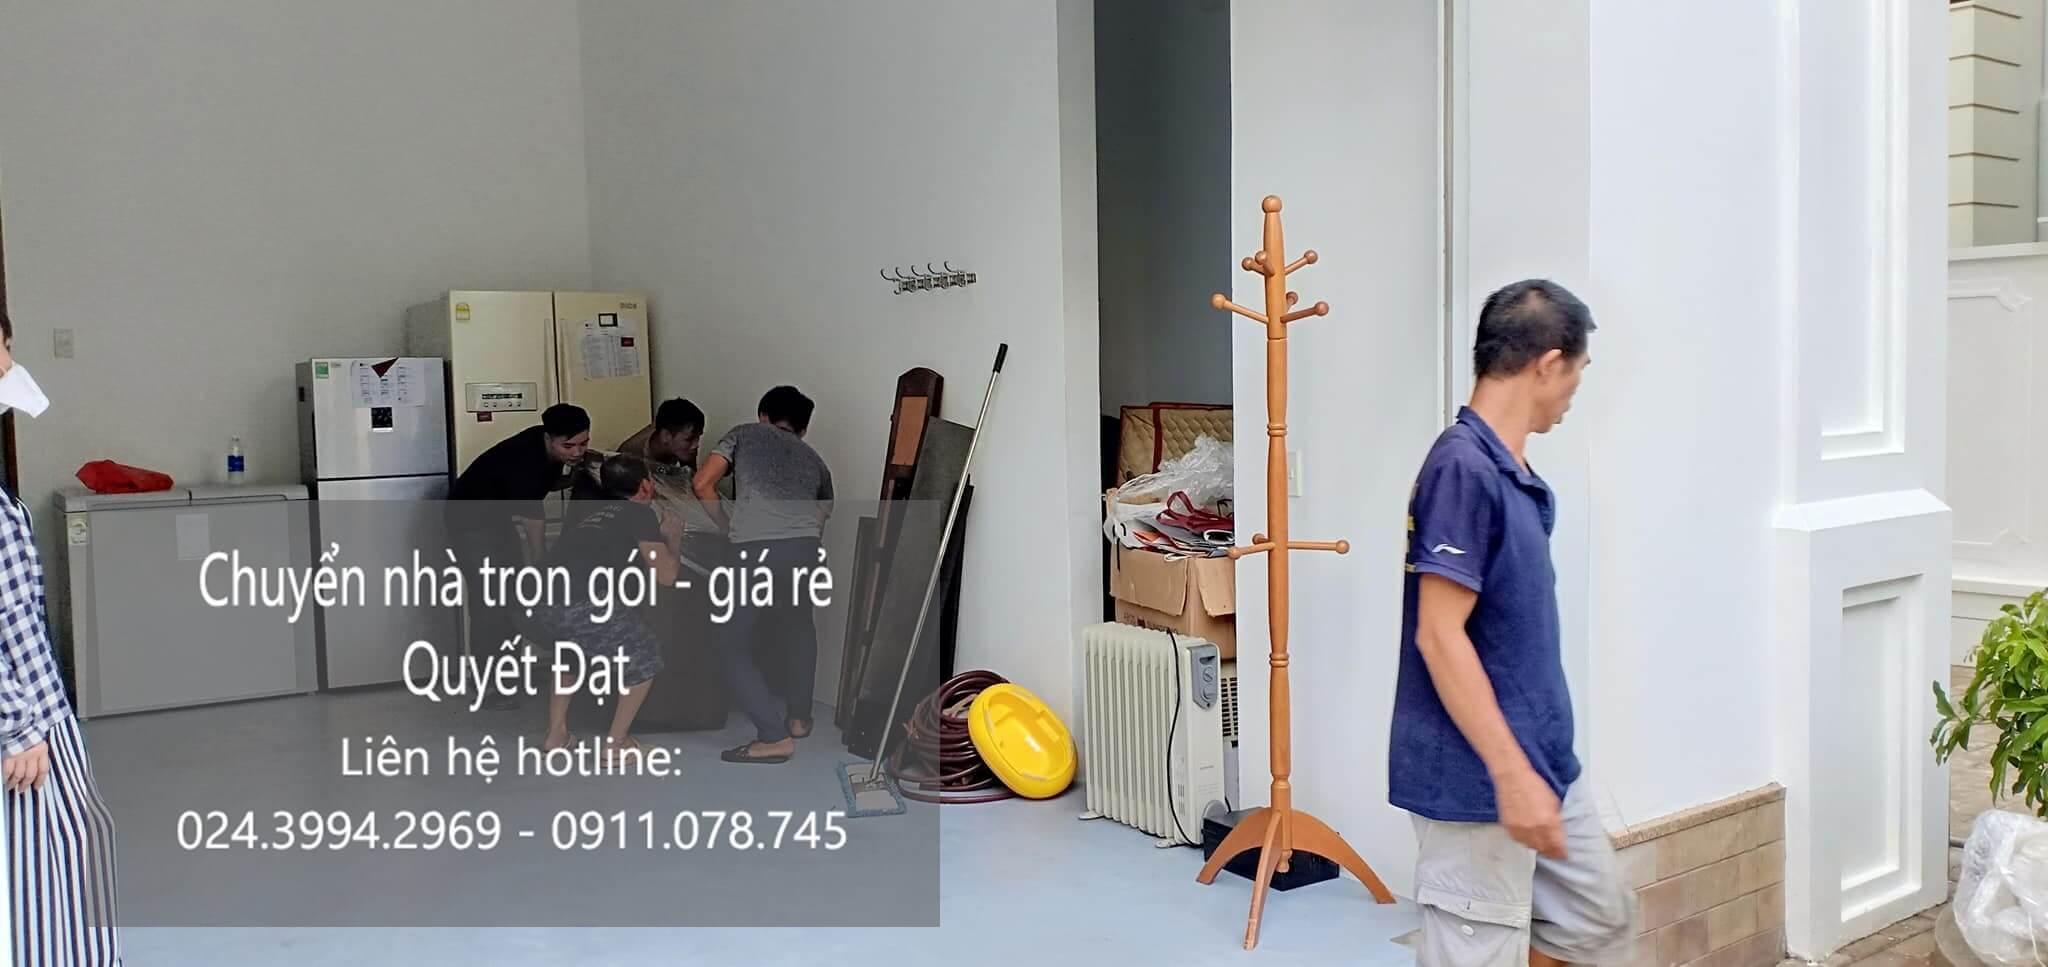 Dịch vụ chuyển nhà Thanh Hương tại xã Đại Đồng